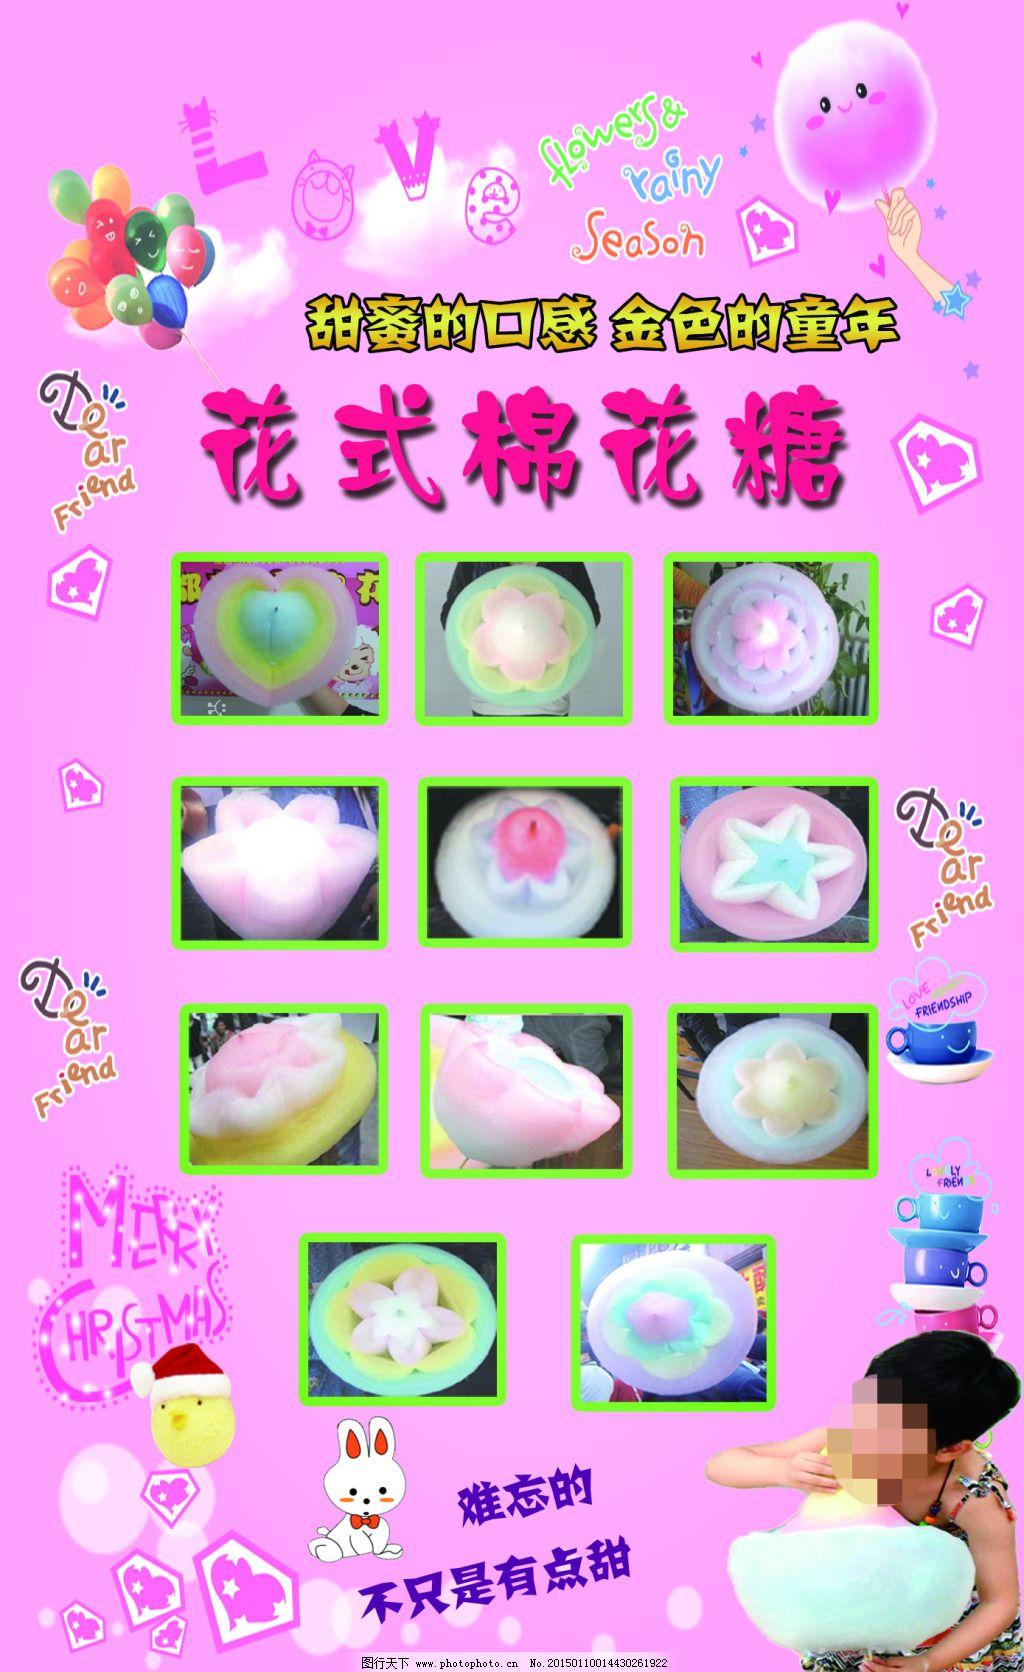 棉花糖免费下载 psd 广告设计 蓝色背景 棉花糖 人物图片 棉花糖图片